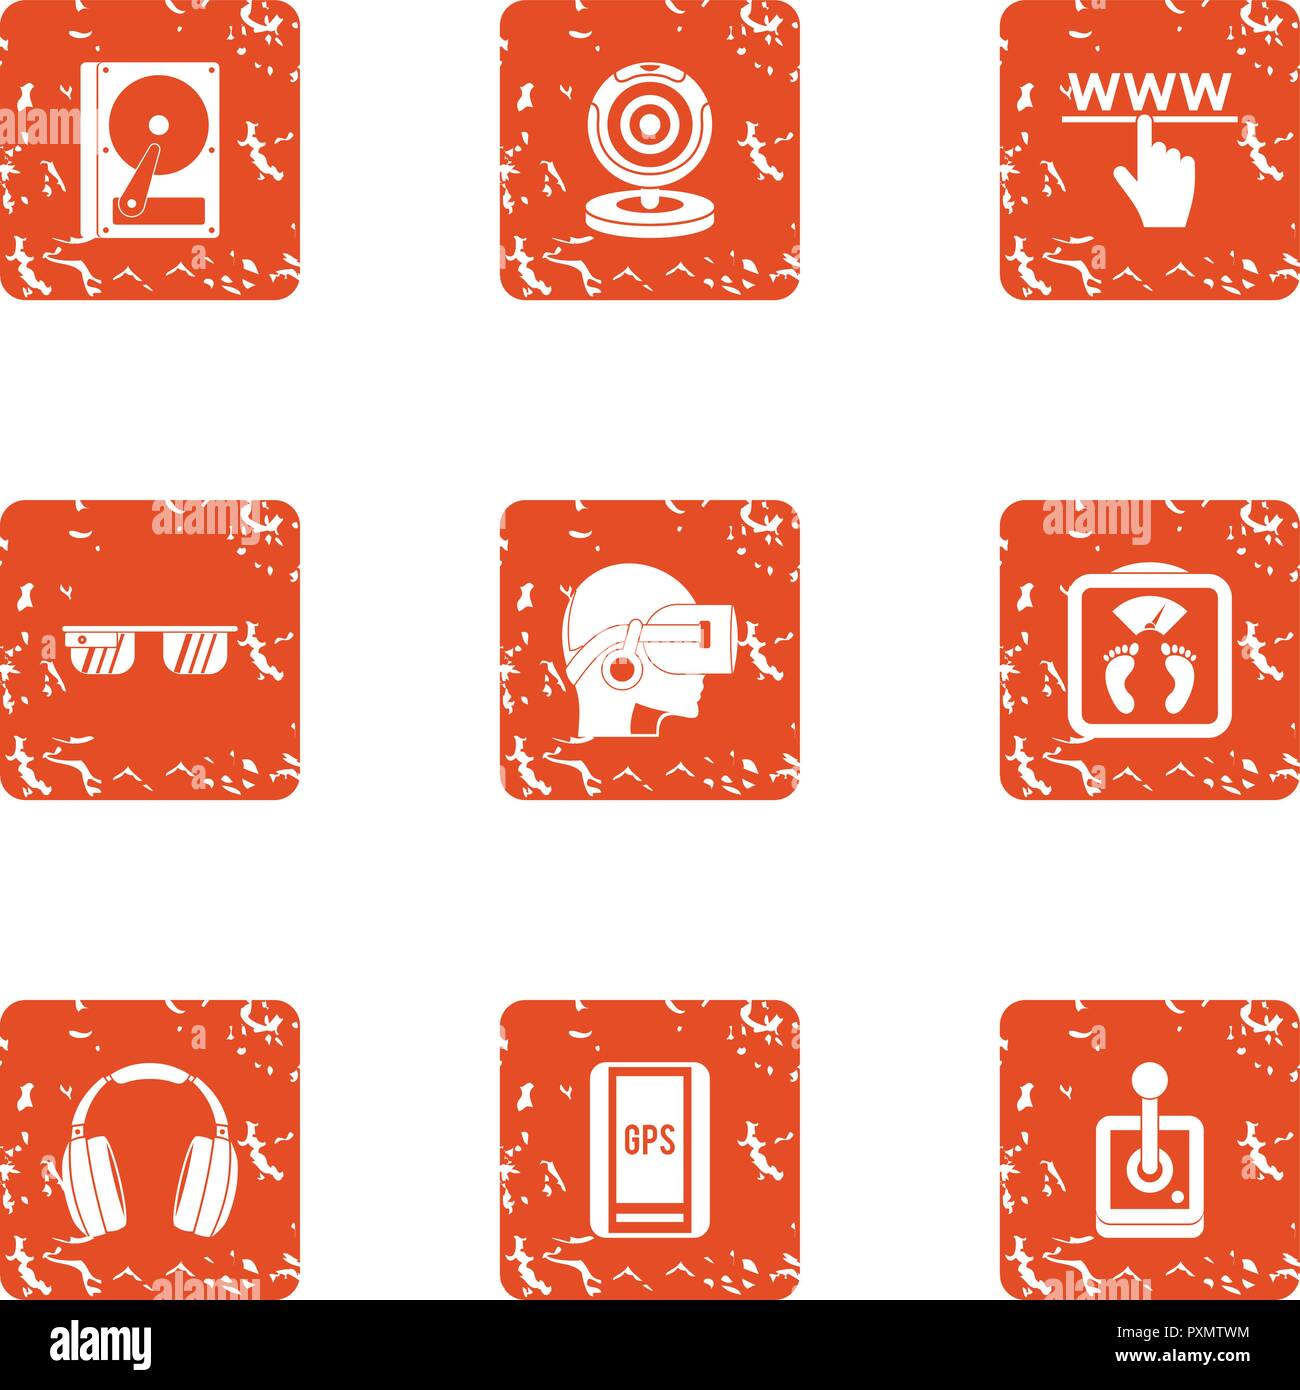 Virtu icons set, grunge style - Stock Image